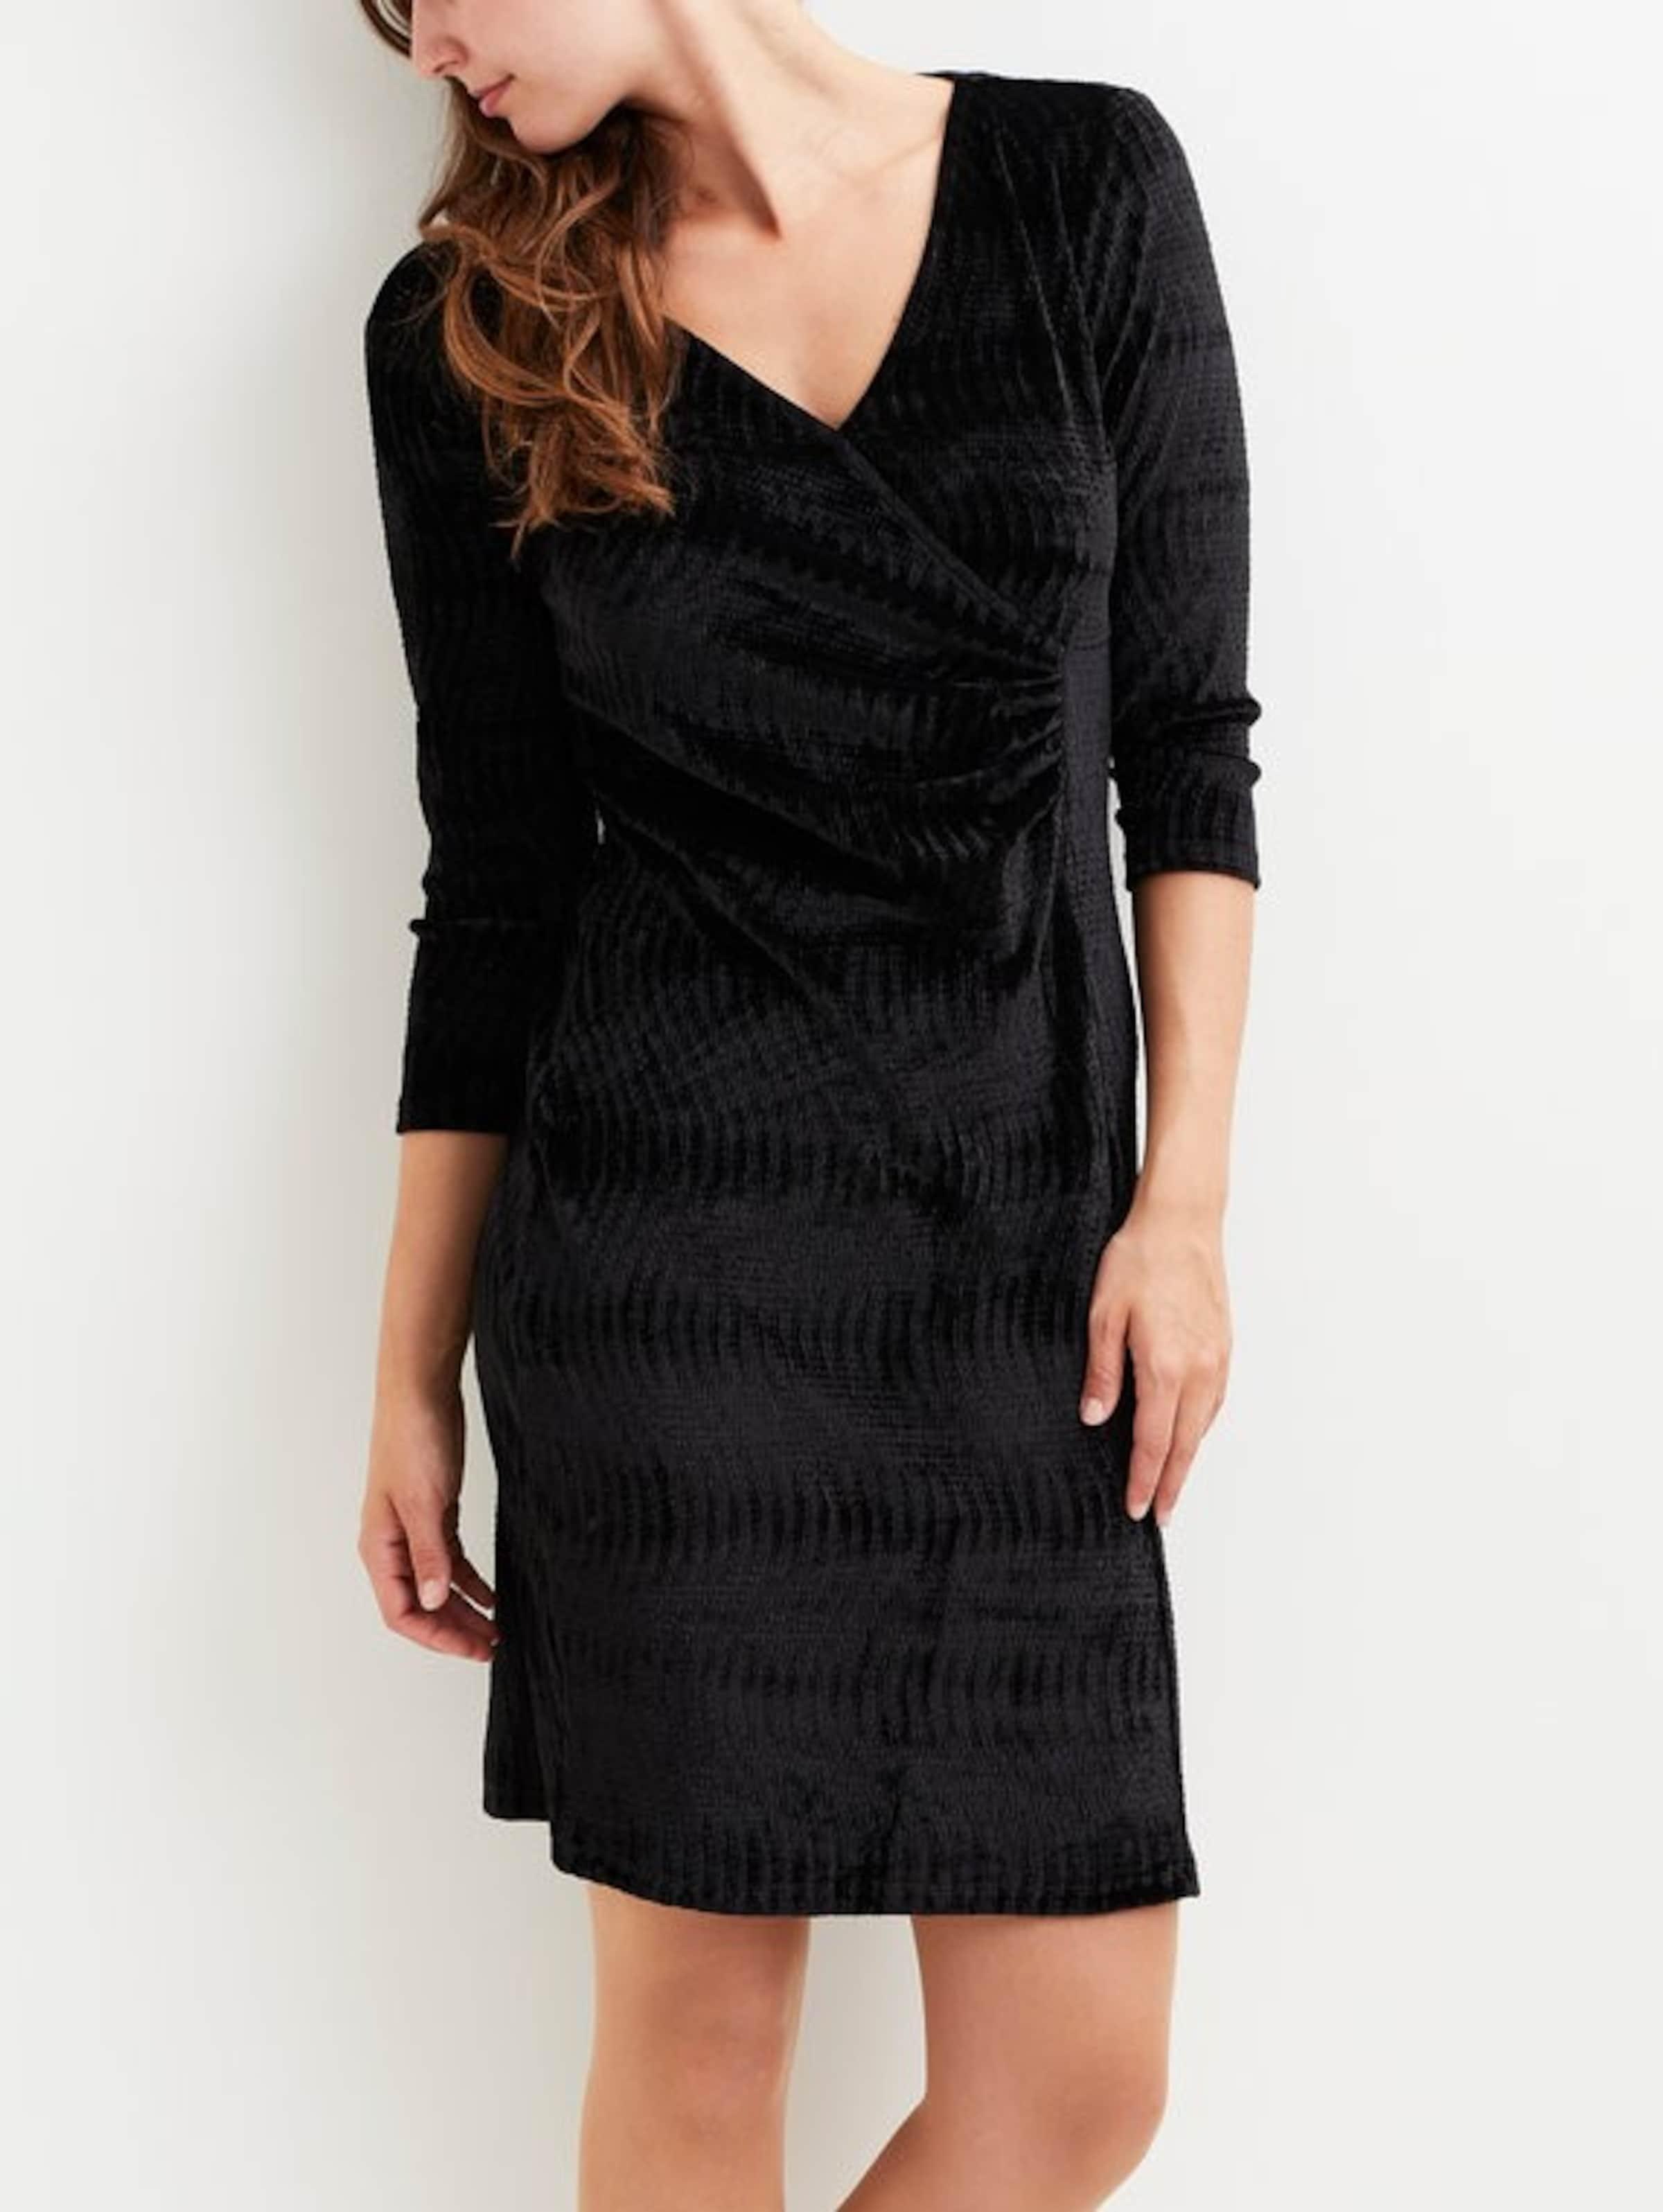 Spielraum-Shop Heißen Verkauf Online-Verkauf VILA Kleid Drapier-Detail 2iYWm9